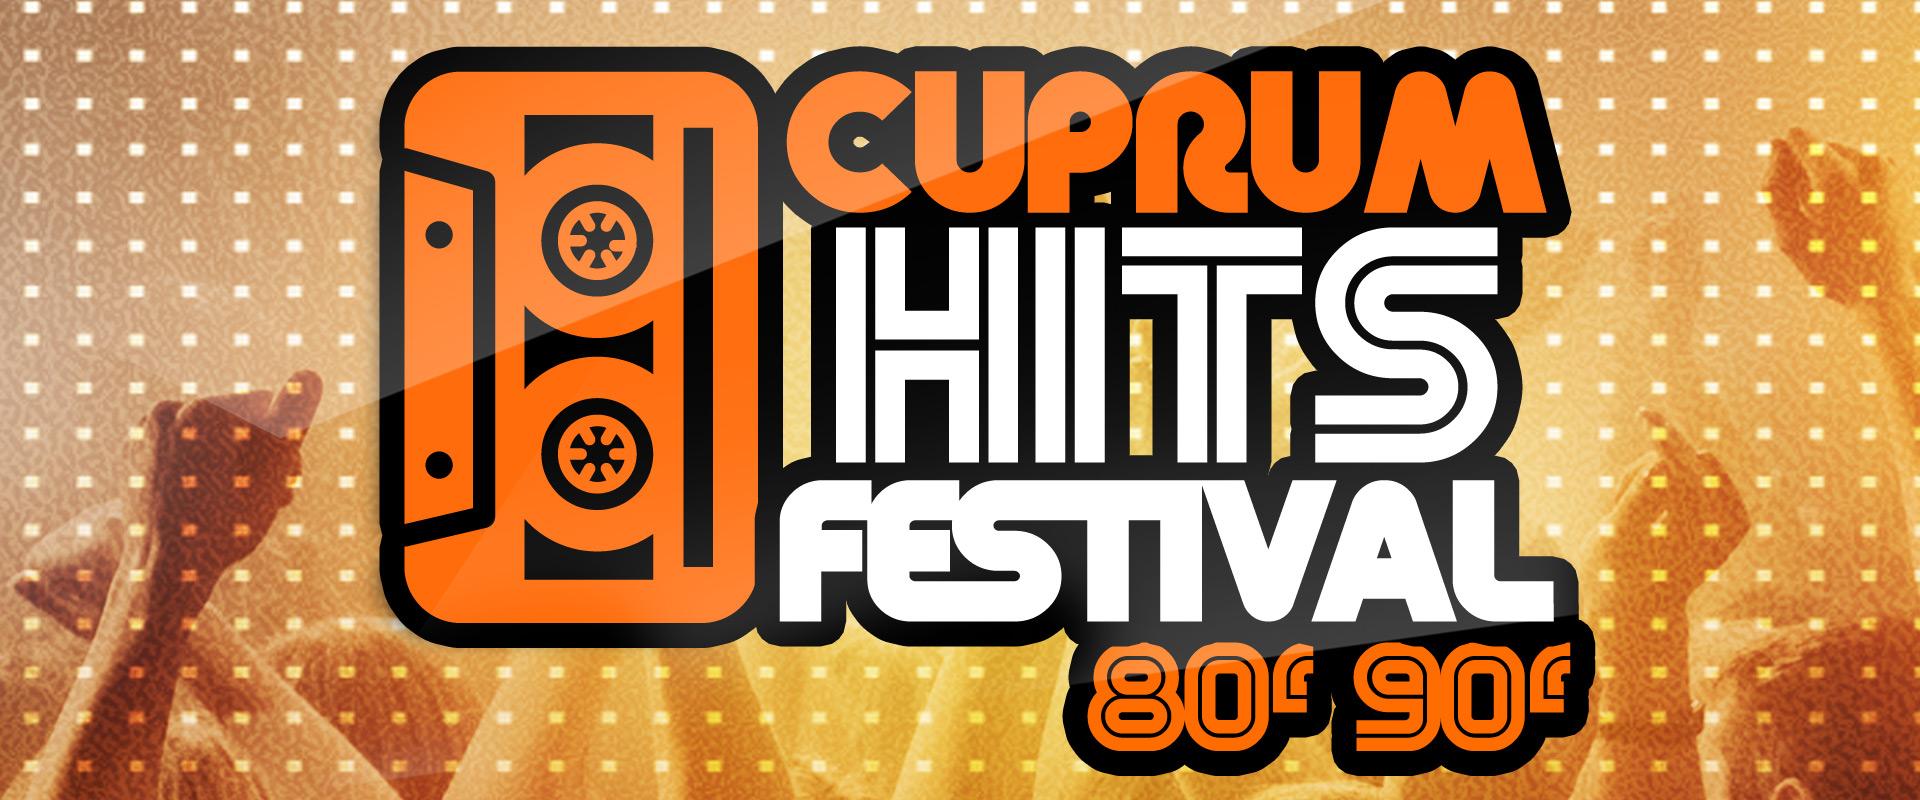 cuprum-hits